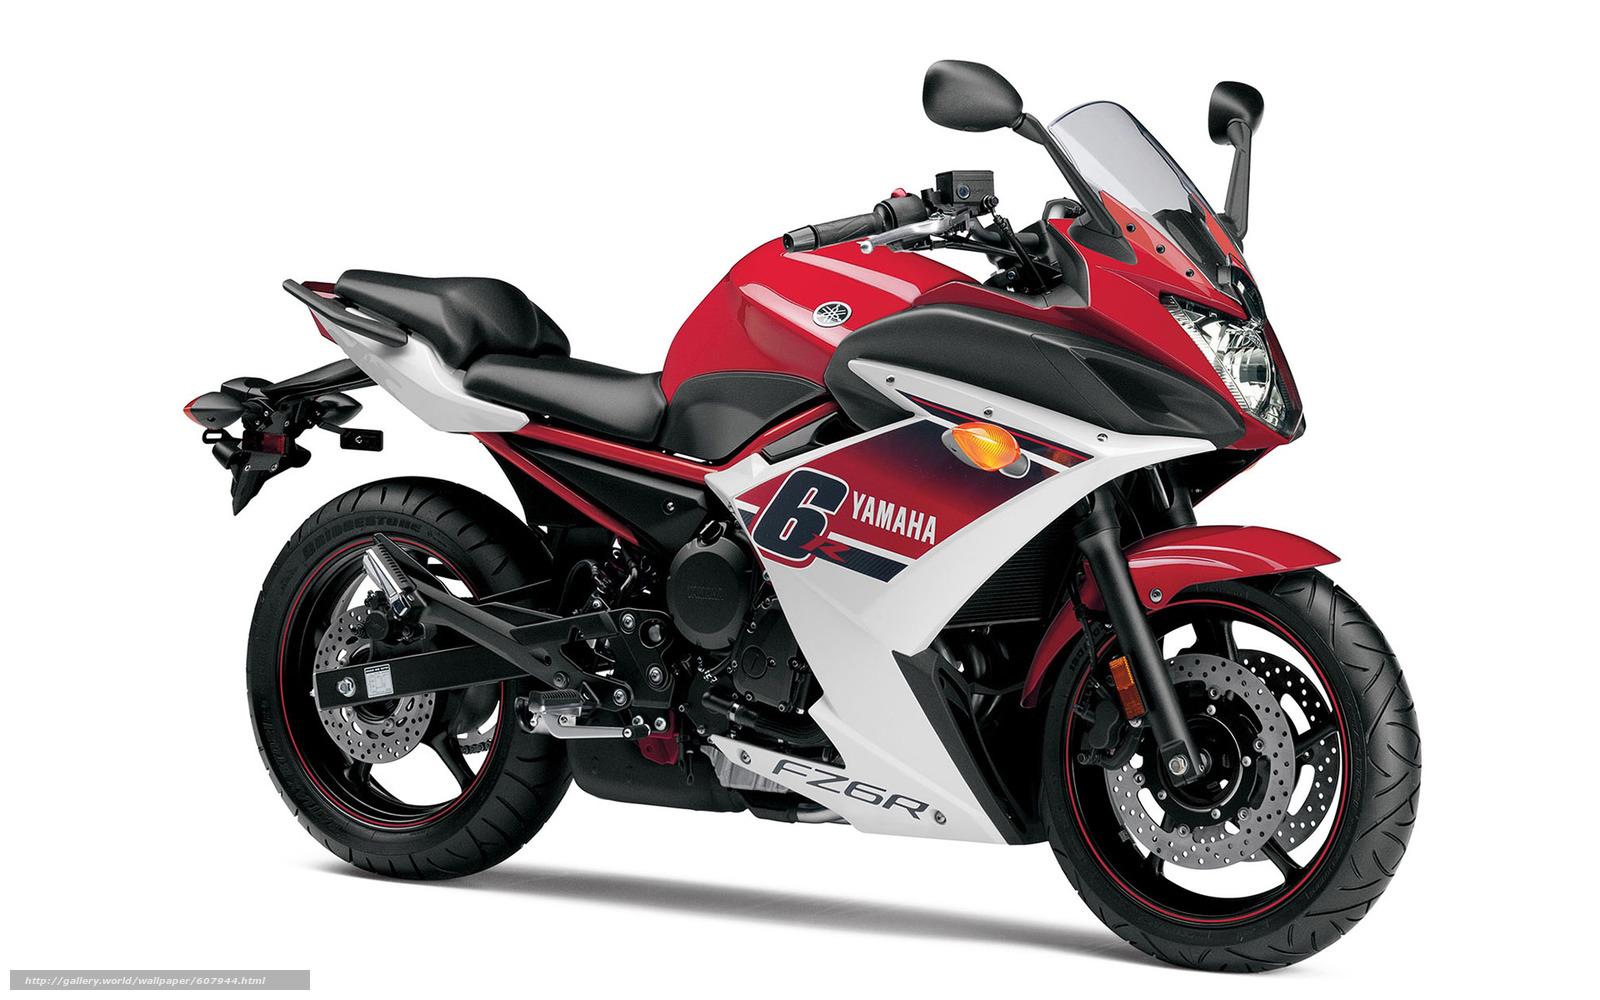 Скачать на телефон обои фото картинку на тему motorcycle, 2015, Yamaha, FZ6R, разширение 1920x1200